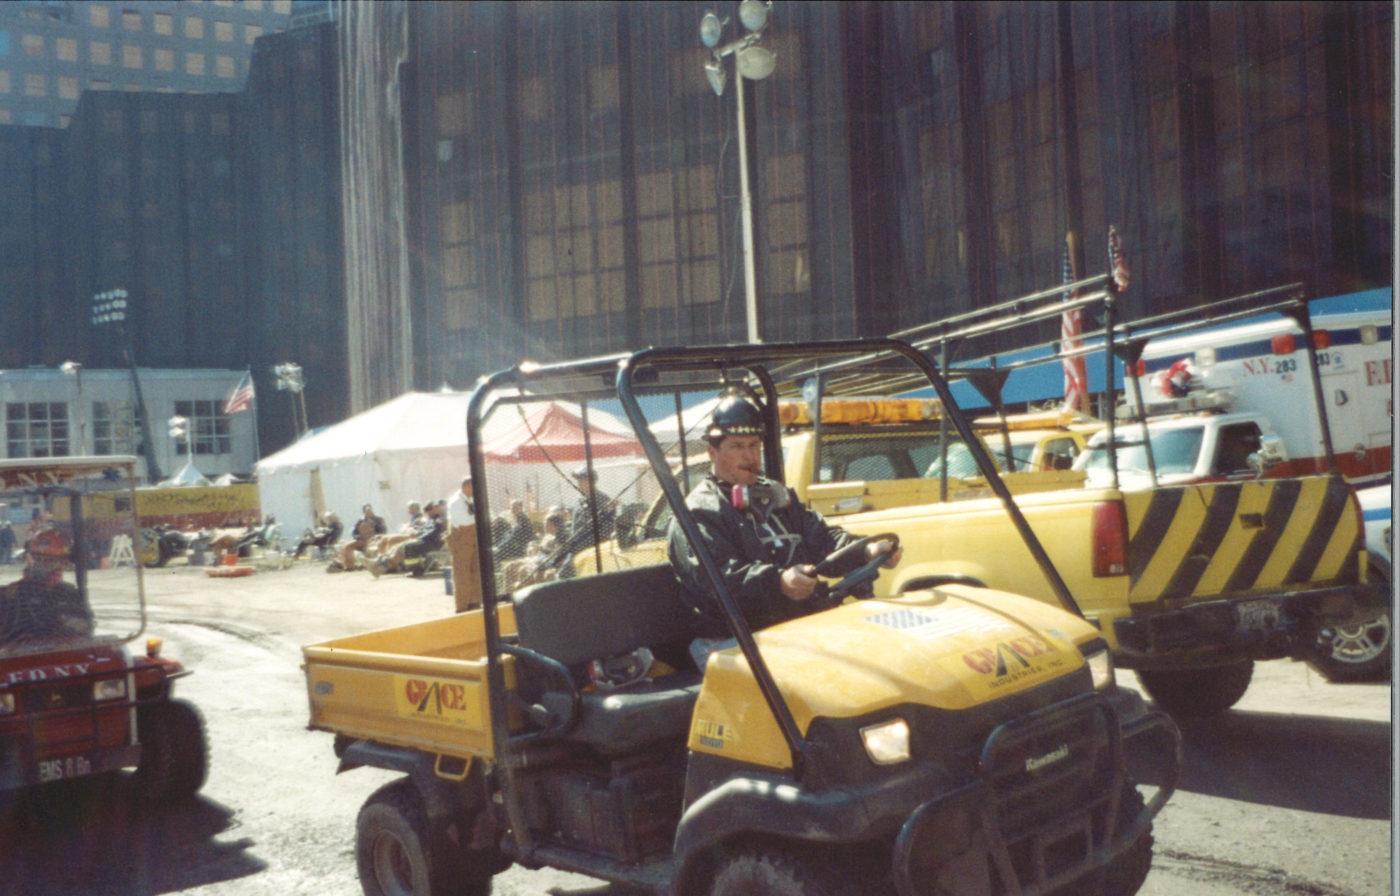 Unknown Construction Worker at Ground Zero